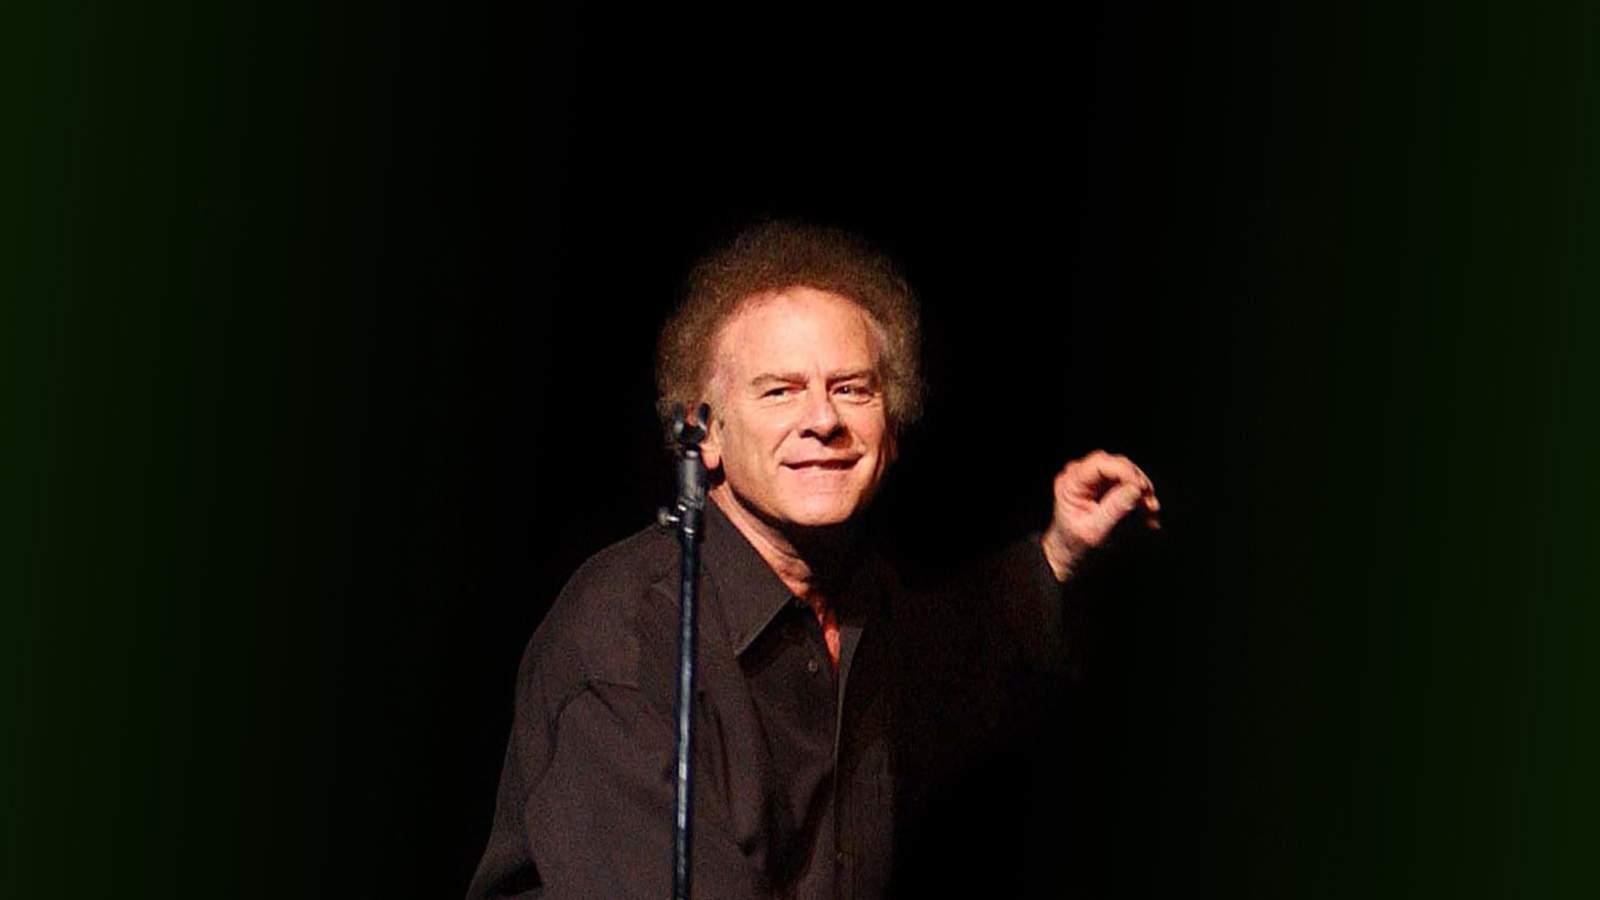 Art Garfunkel (Rescheduled from 4/25/2020, 11/20/2020)